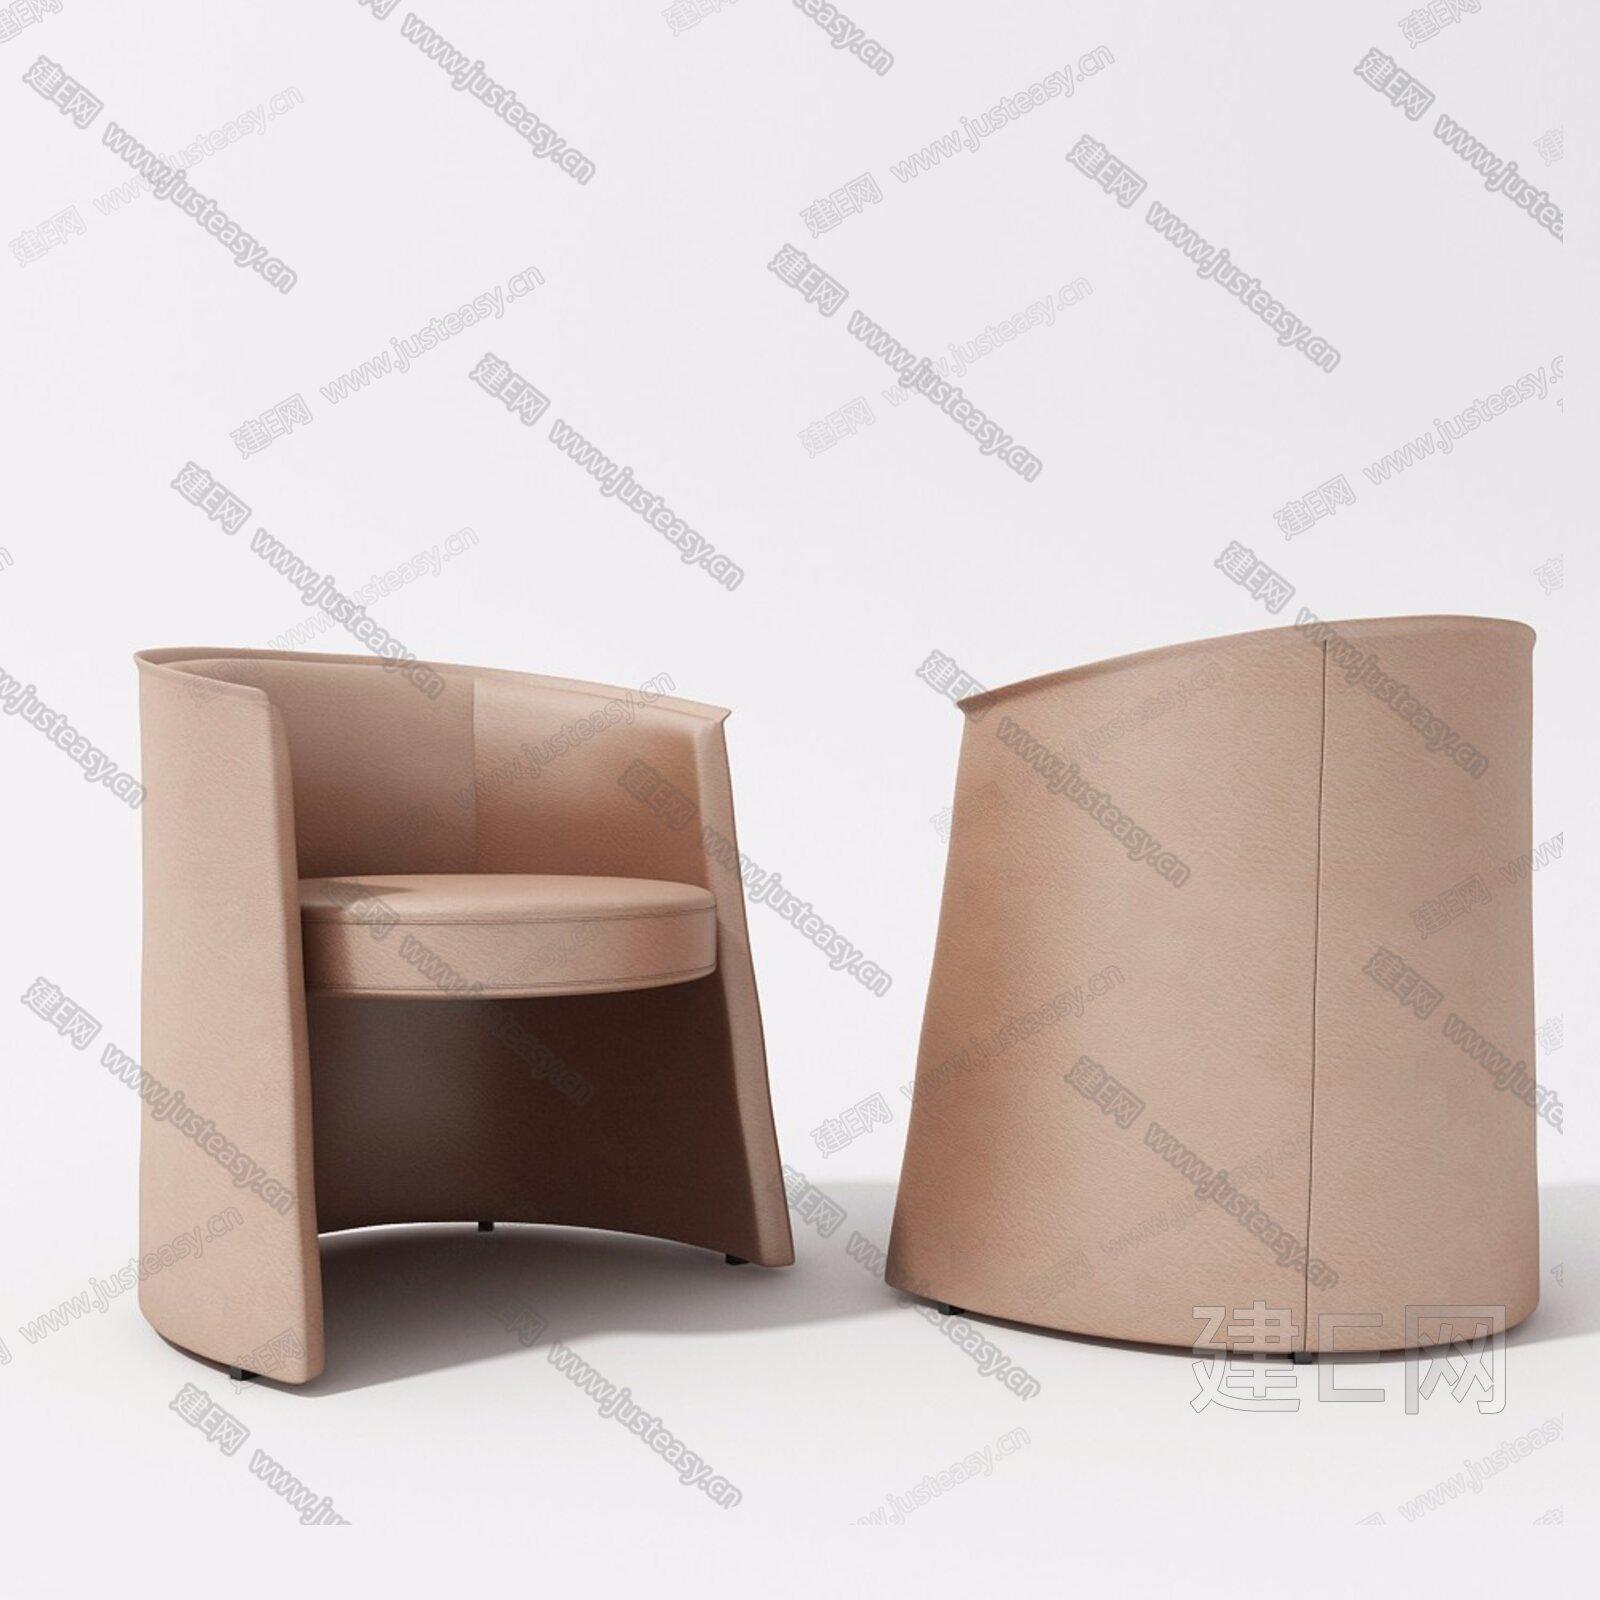 现代单人皮质沙发3d模型